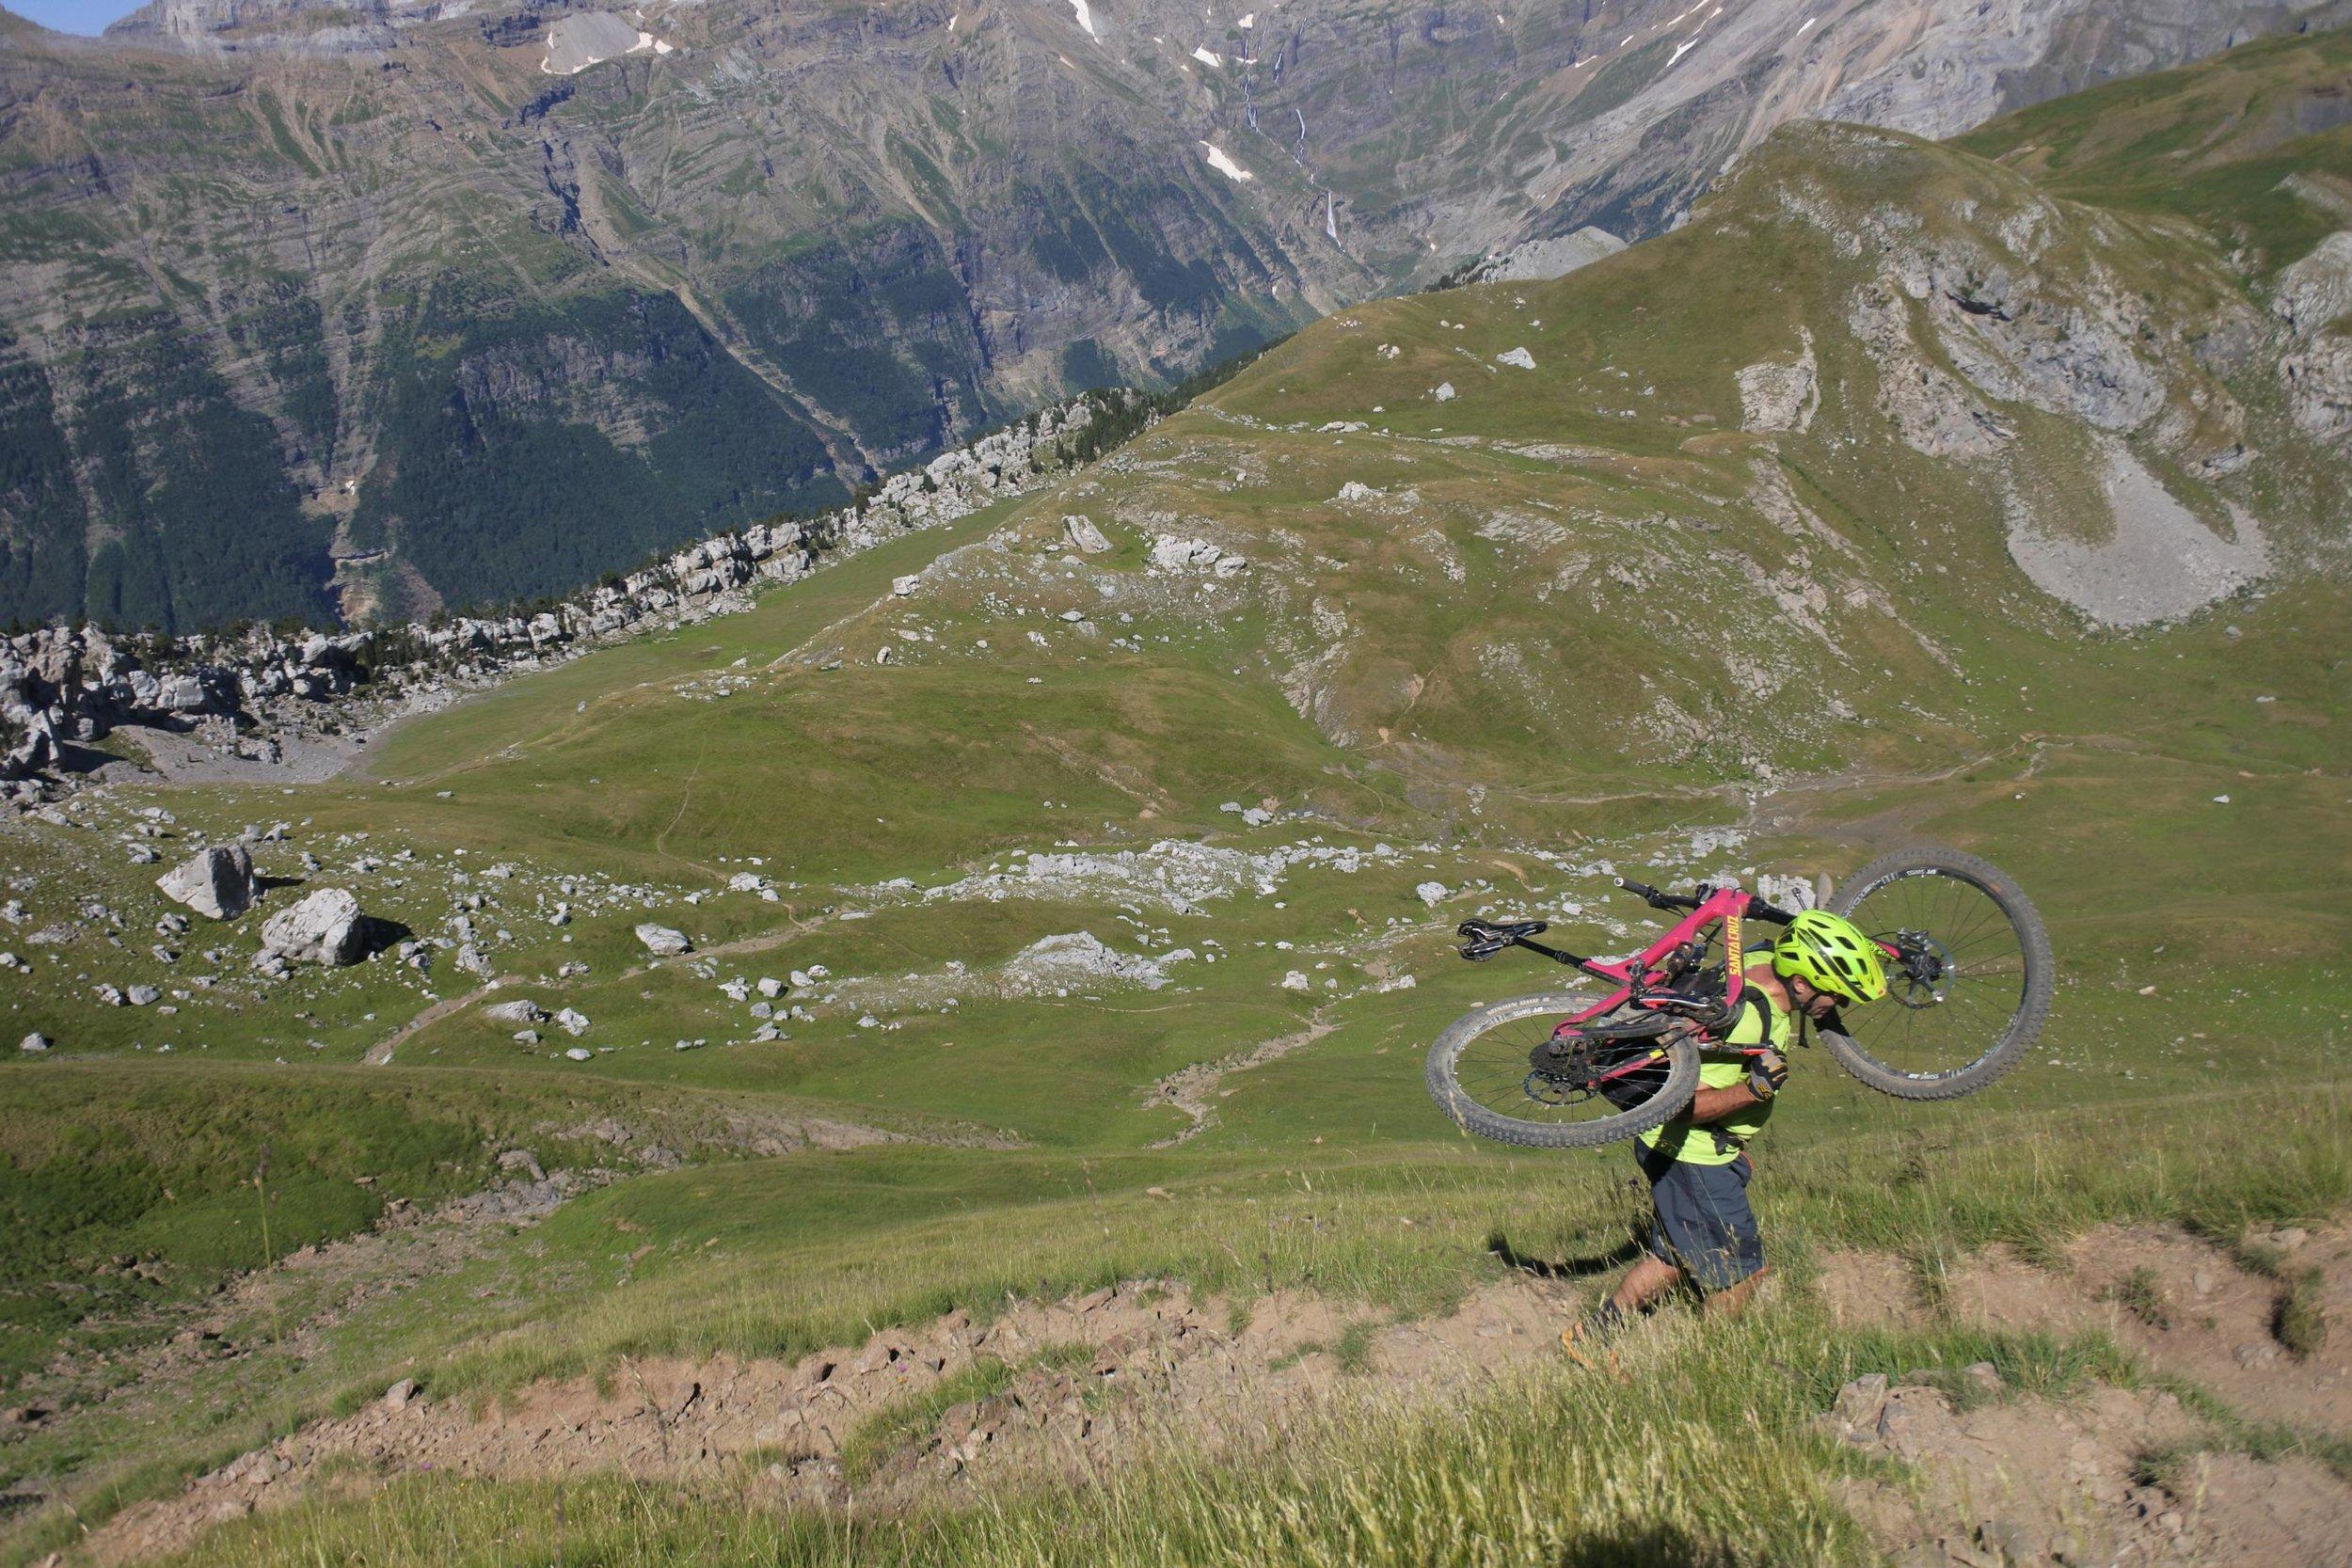 unbeaten-adventures-zona-zero-ainsa-comodoto-hike-a-bike-top.jpg